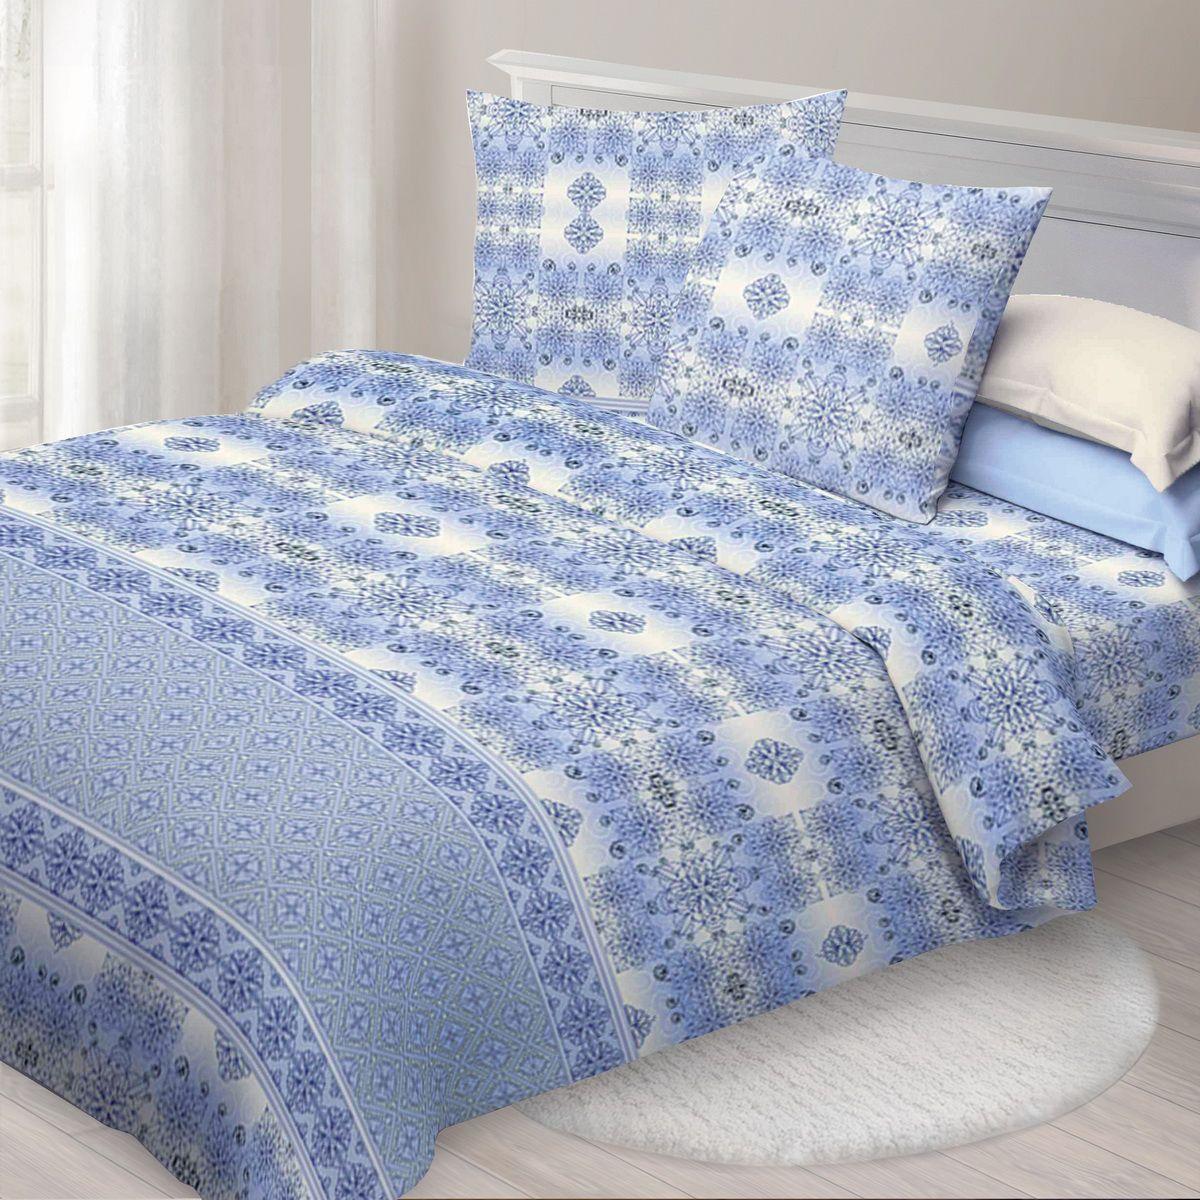 Комплект белья Спал Спалыч Виола, 2-спальное, наволочки 70x70, цвет: синий88076Спал Спалыч - недорогое, но качественное постельное белье из белорусской бязи. Актуальные дизайны, авторская упаковка в сочетании с качественными материалами и приемлемой ценой - залог успеха Спал Спалыча! В ассортименте широкая линейка домашнего текстиля для всей семьи - современные дизайны современному покупателю! Ткань обработана по технологии PERFECT WAY - благодаря чему, она становится более гладкой и шелковистой. • Бязь Барановичи 100% хлопок • Плотность ткани - 125 гр/кв.м.